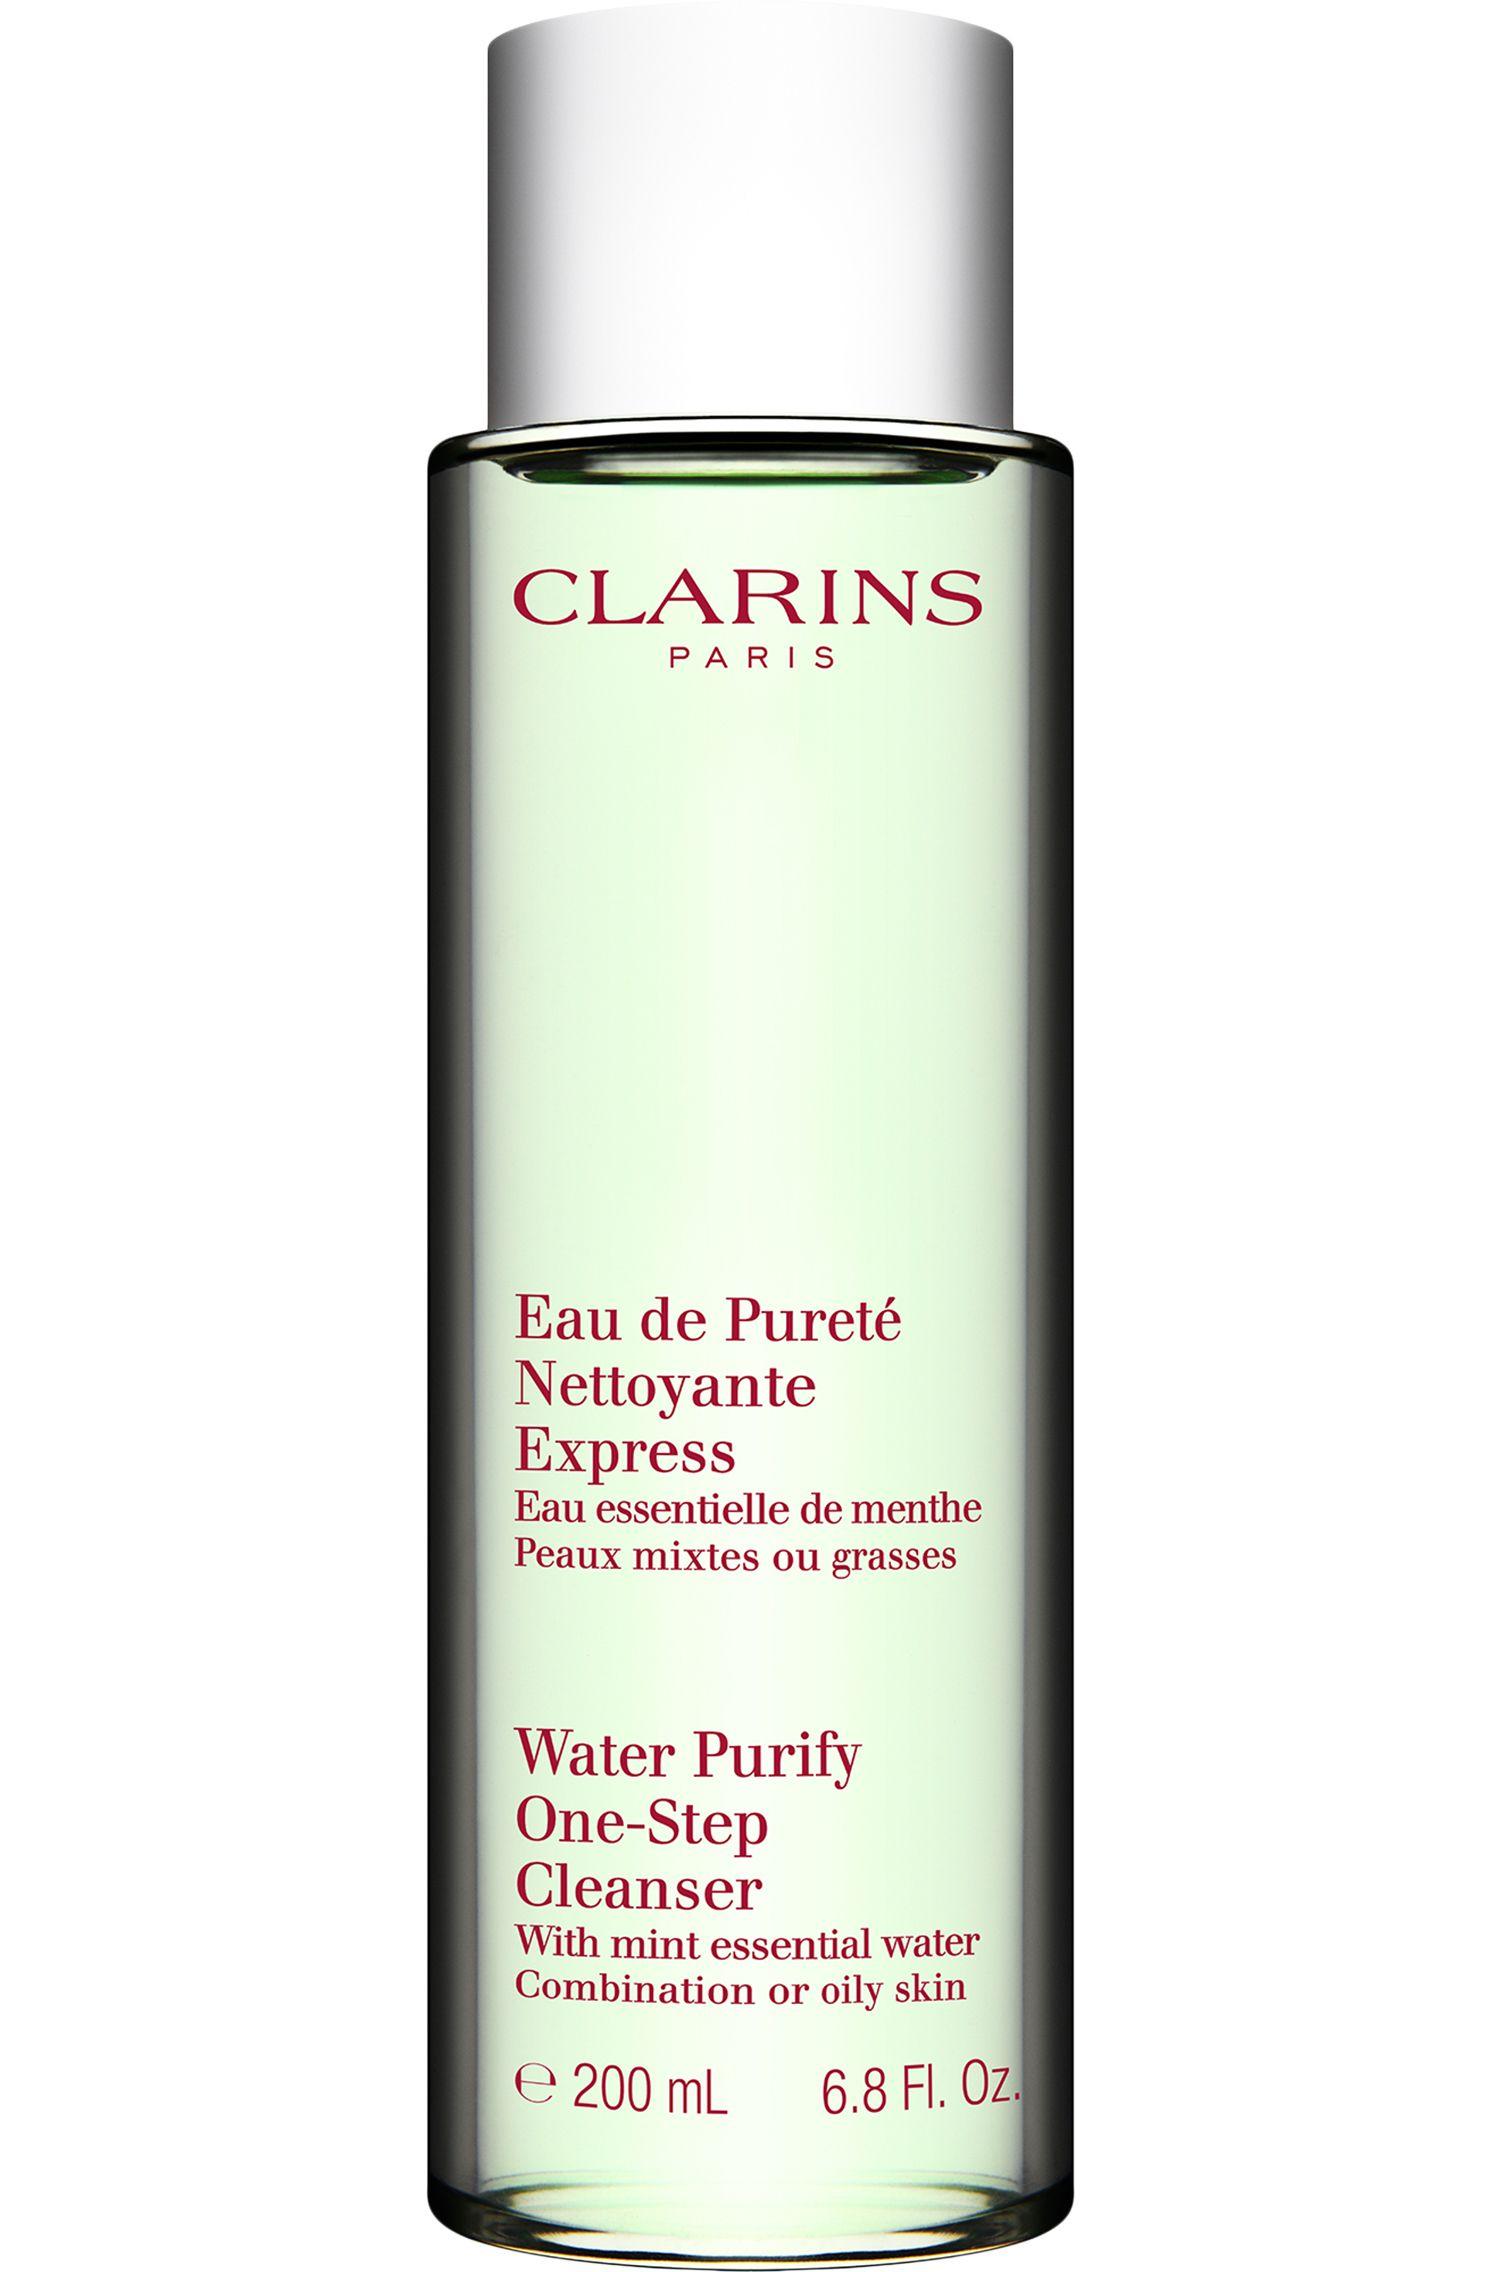 Blissim : Clarins - Eau démaquillante purifiante express menthe peaux mixtes à grasses - Eau démaquillante purifiante express menthe peaux mixtes à grasses